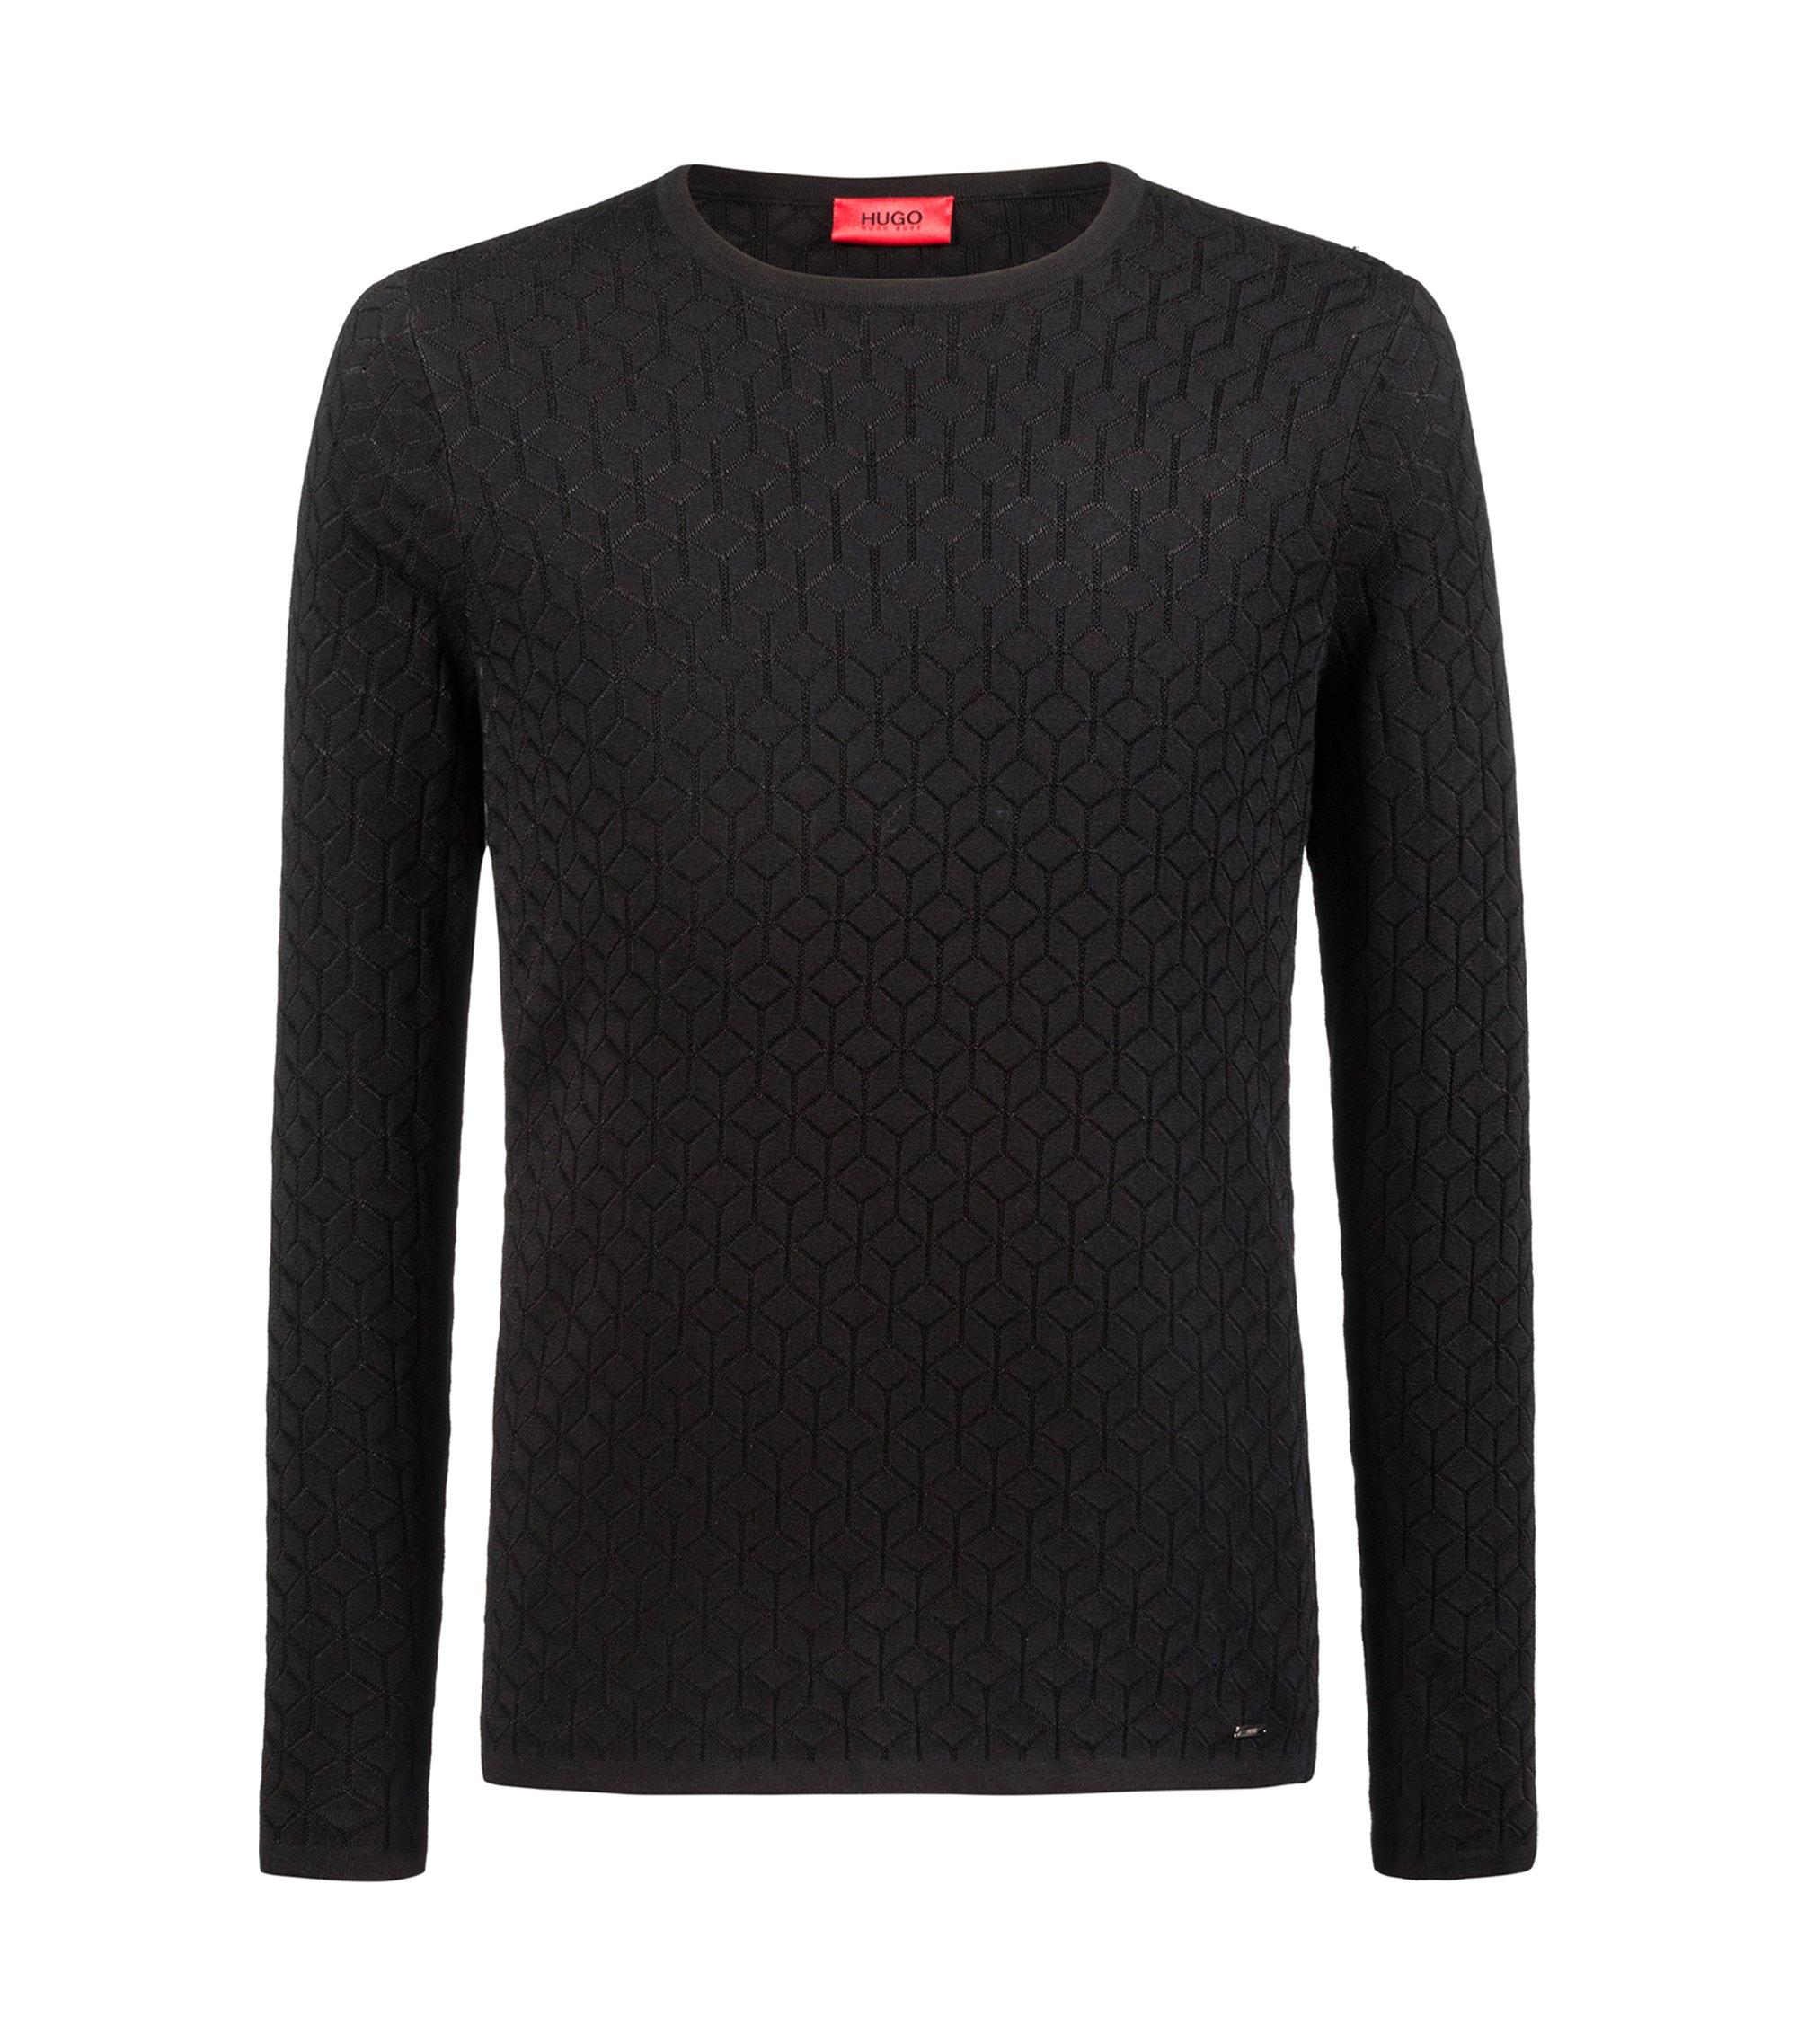 Pullover aus Jacquard-Strick mit geometrischem Muster, Schwarz